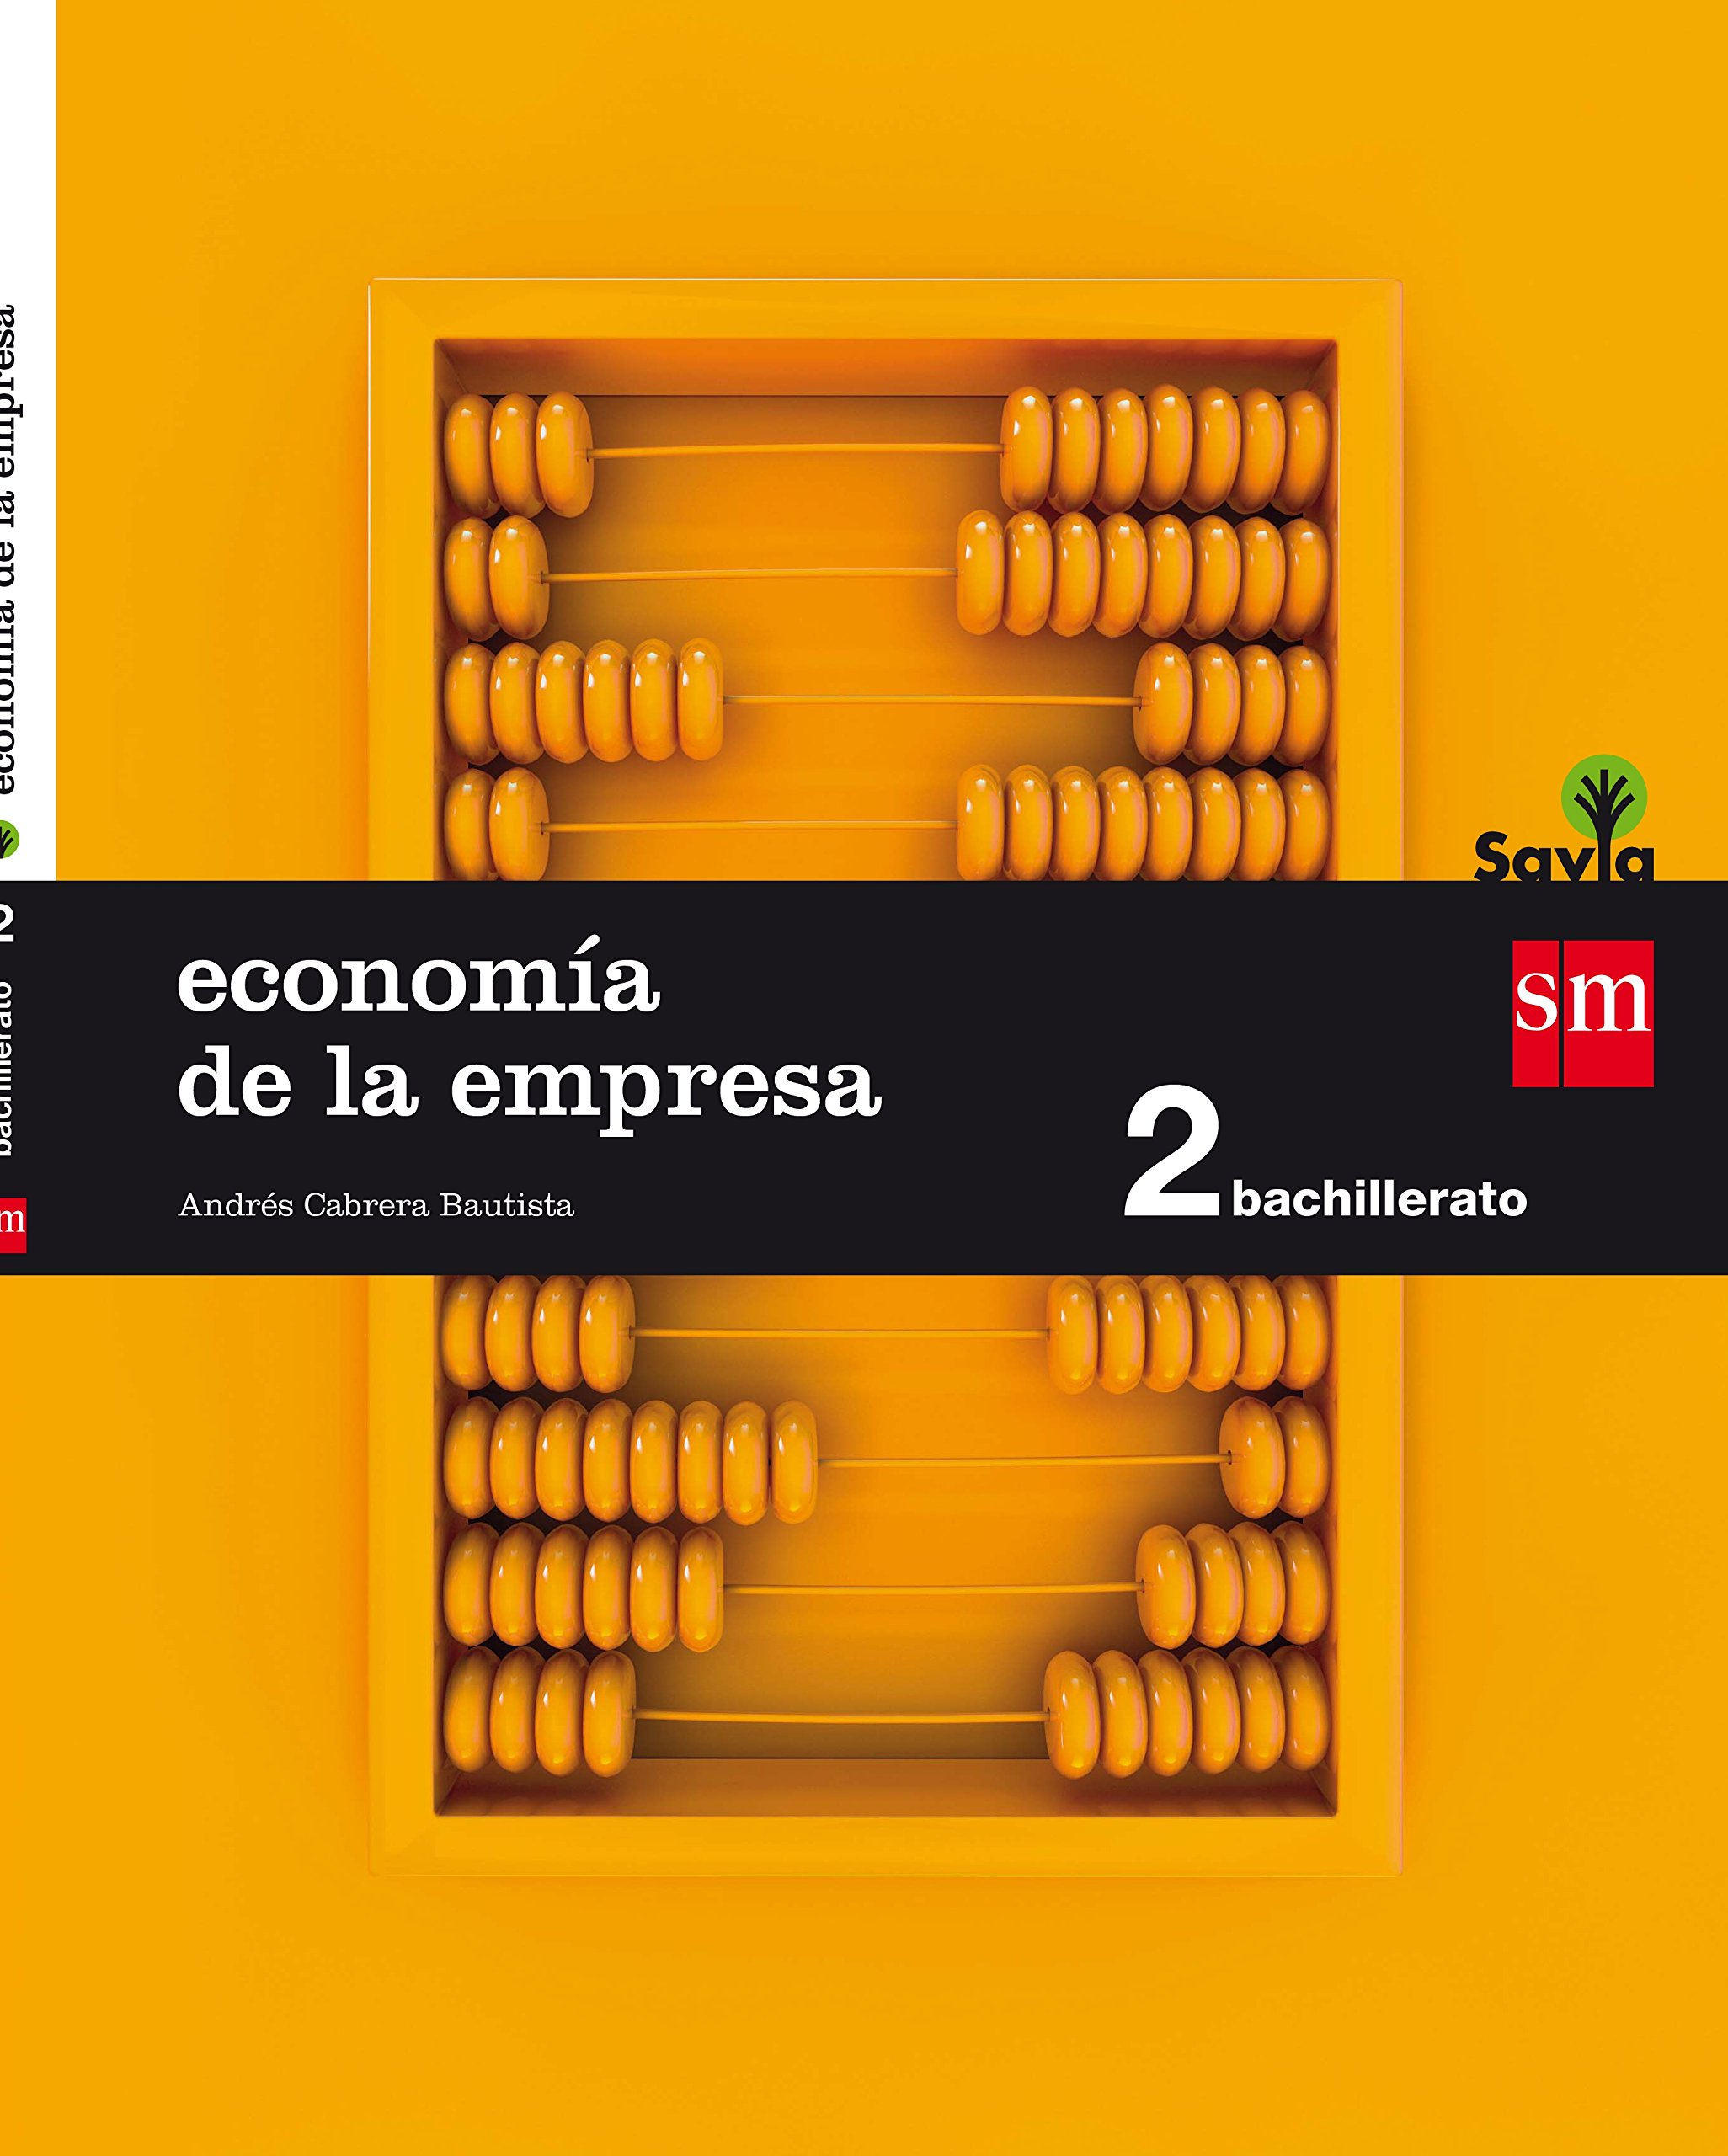 Economía. 2 Bachillerato. Savia - 9788467587128: Amazon.es: Cabrera Bautista, Andrés: Libros